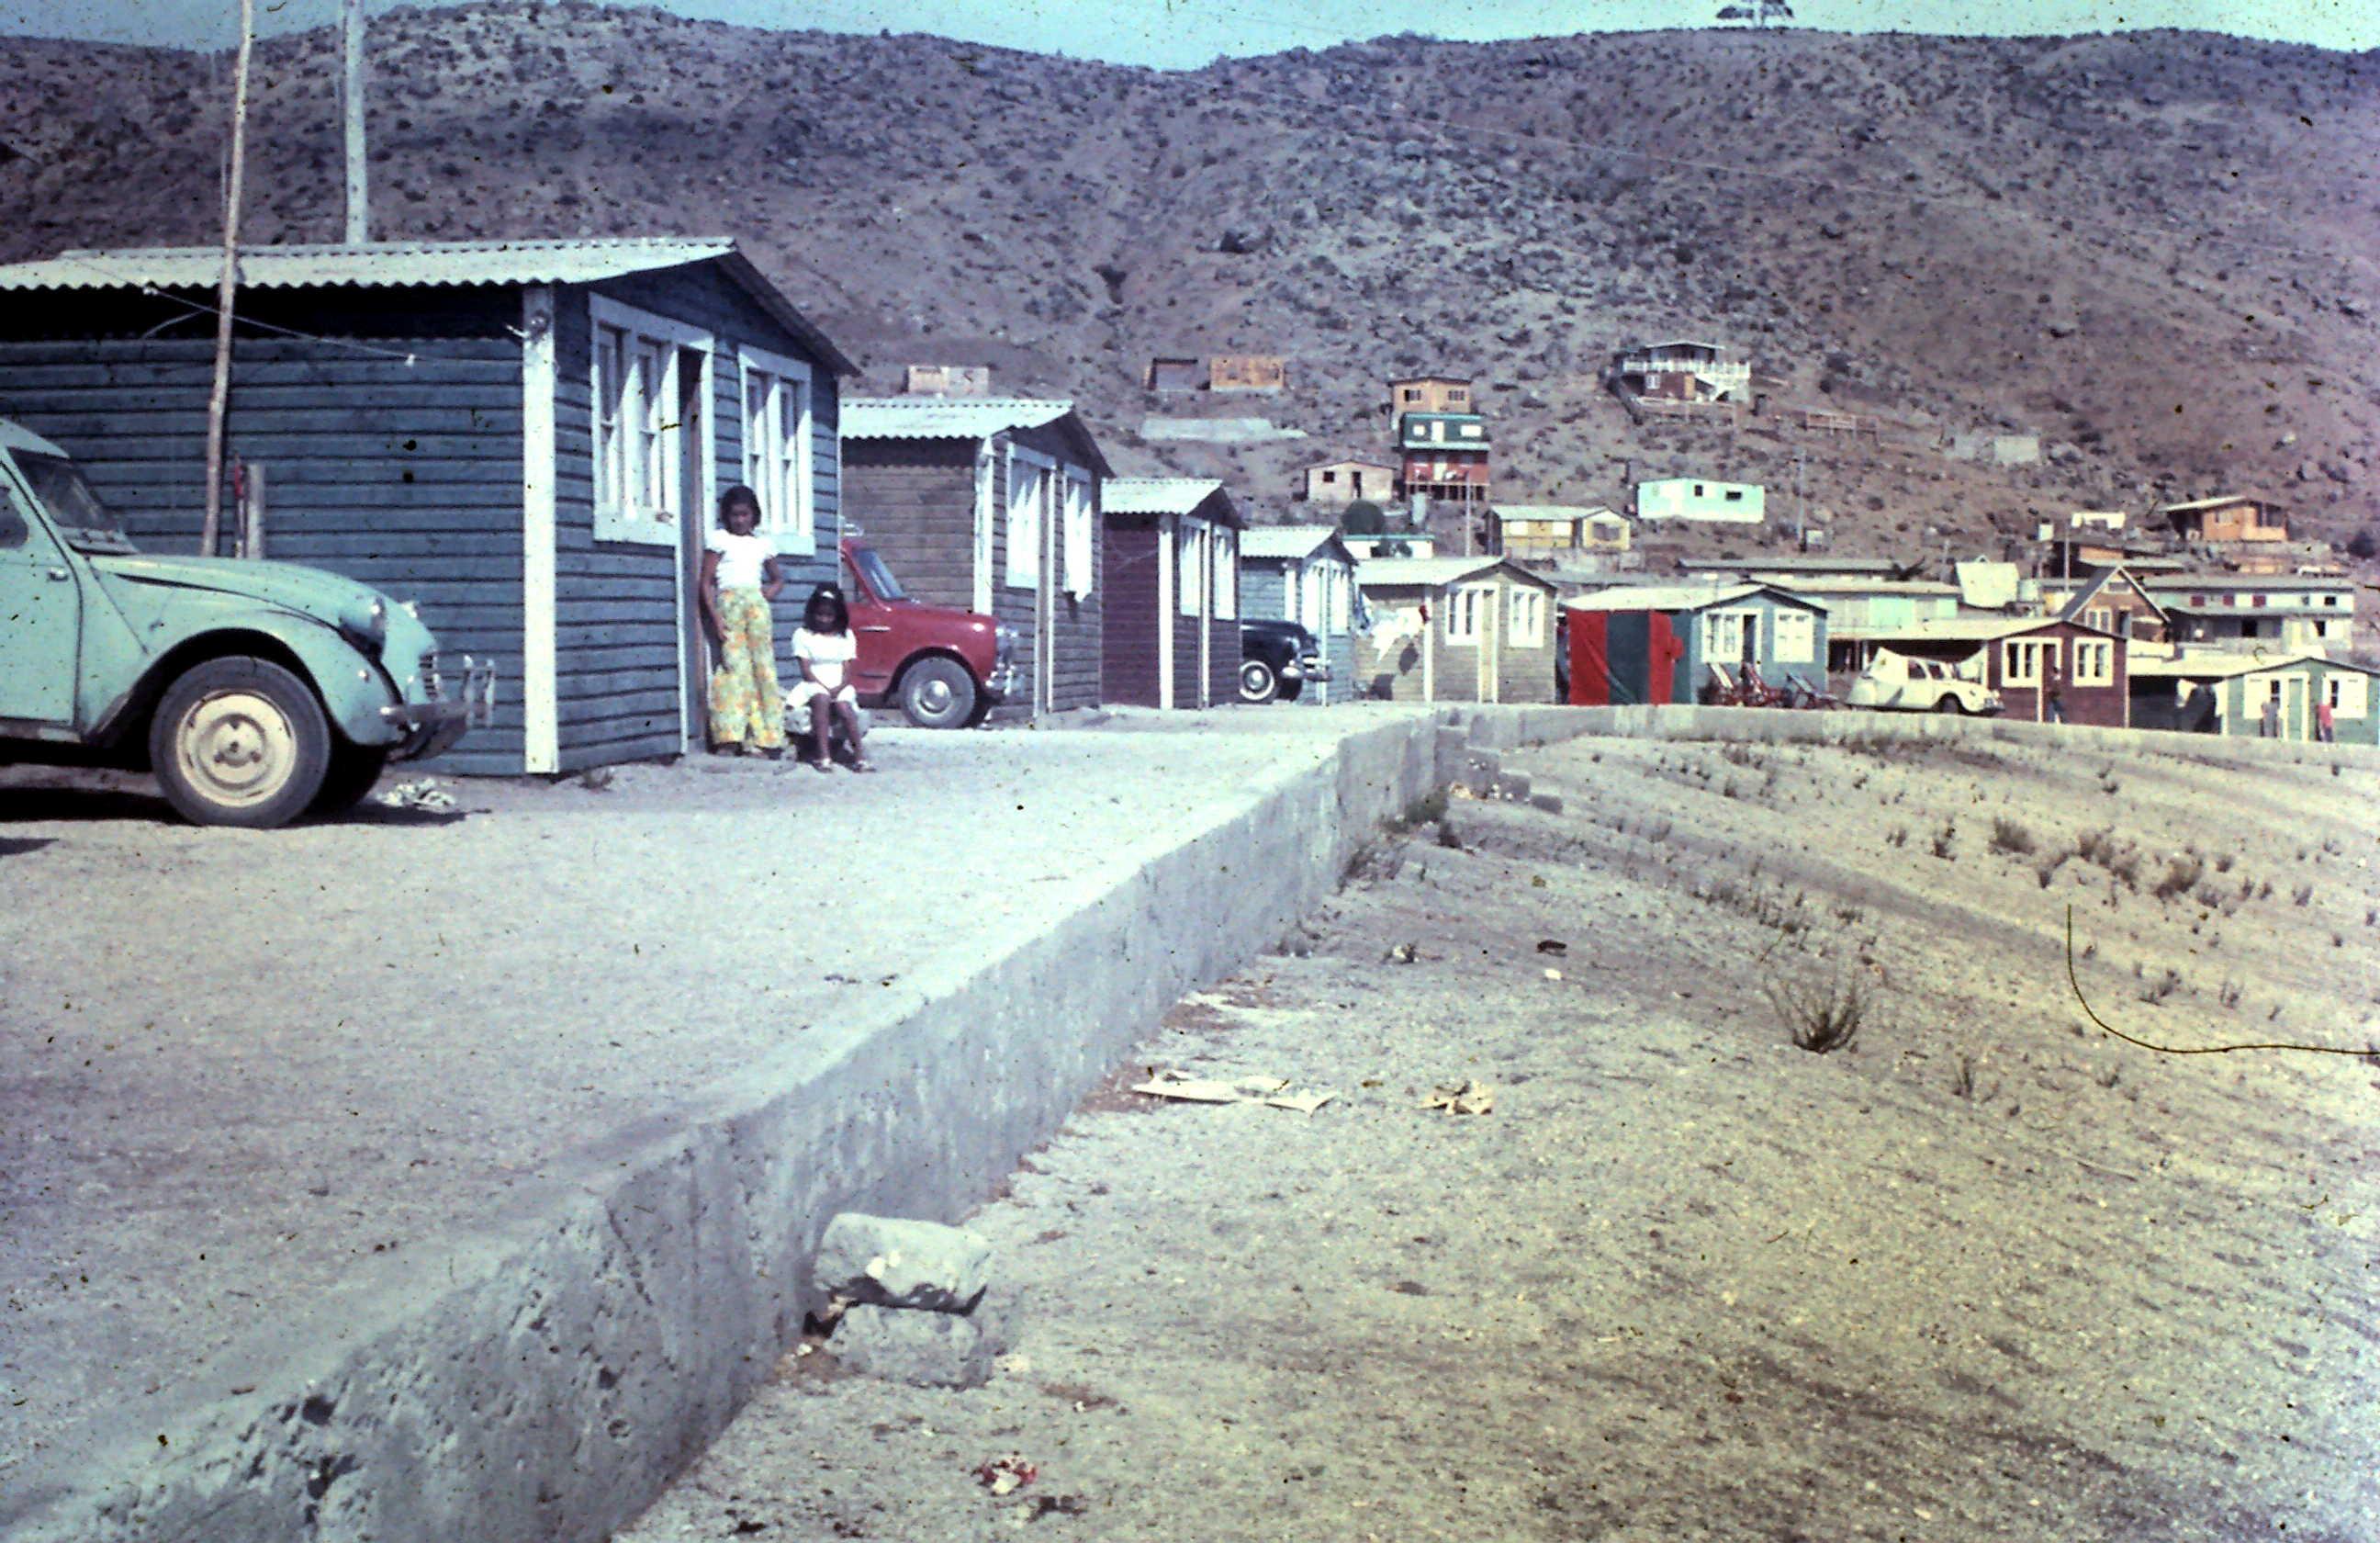 Enterreno - Fotos históricas de chile - fotos antiguas de Chile - Guanaqueros en 1972